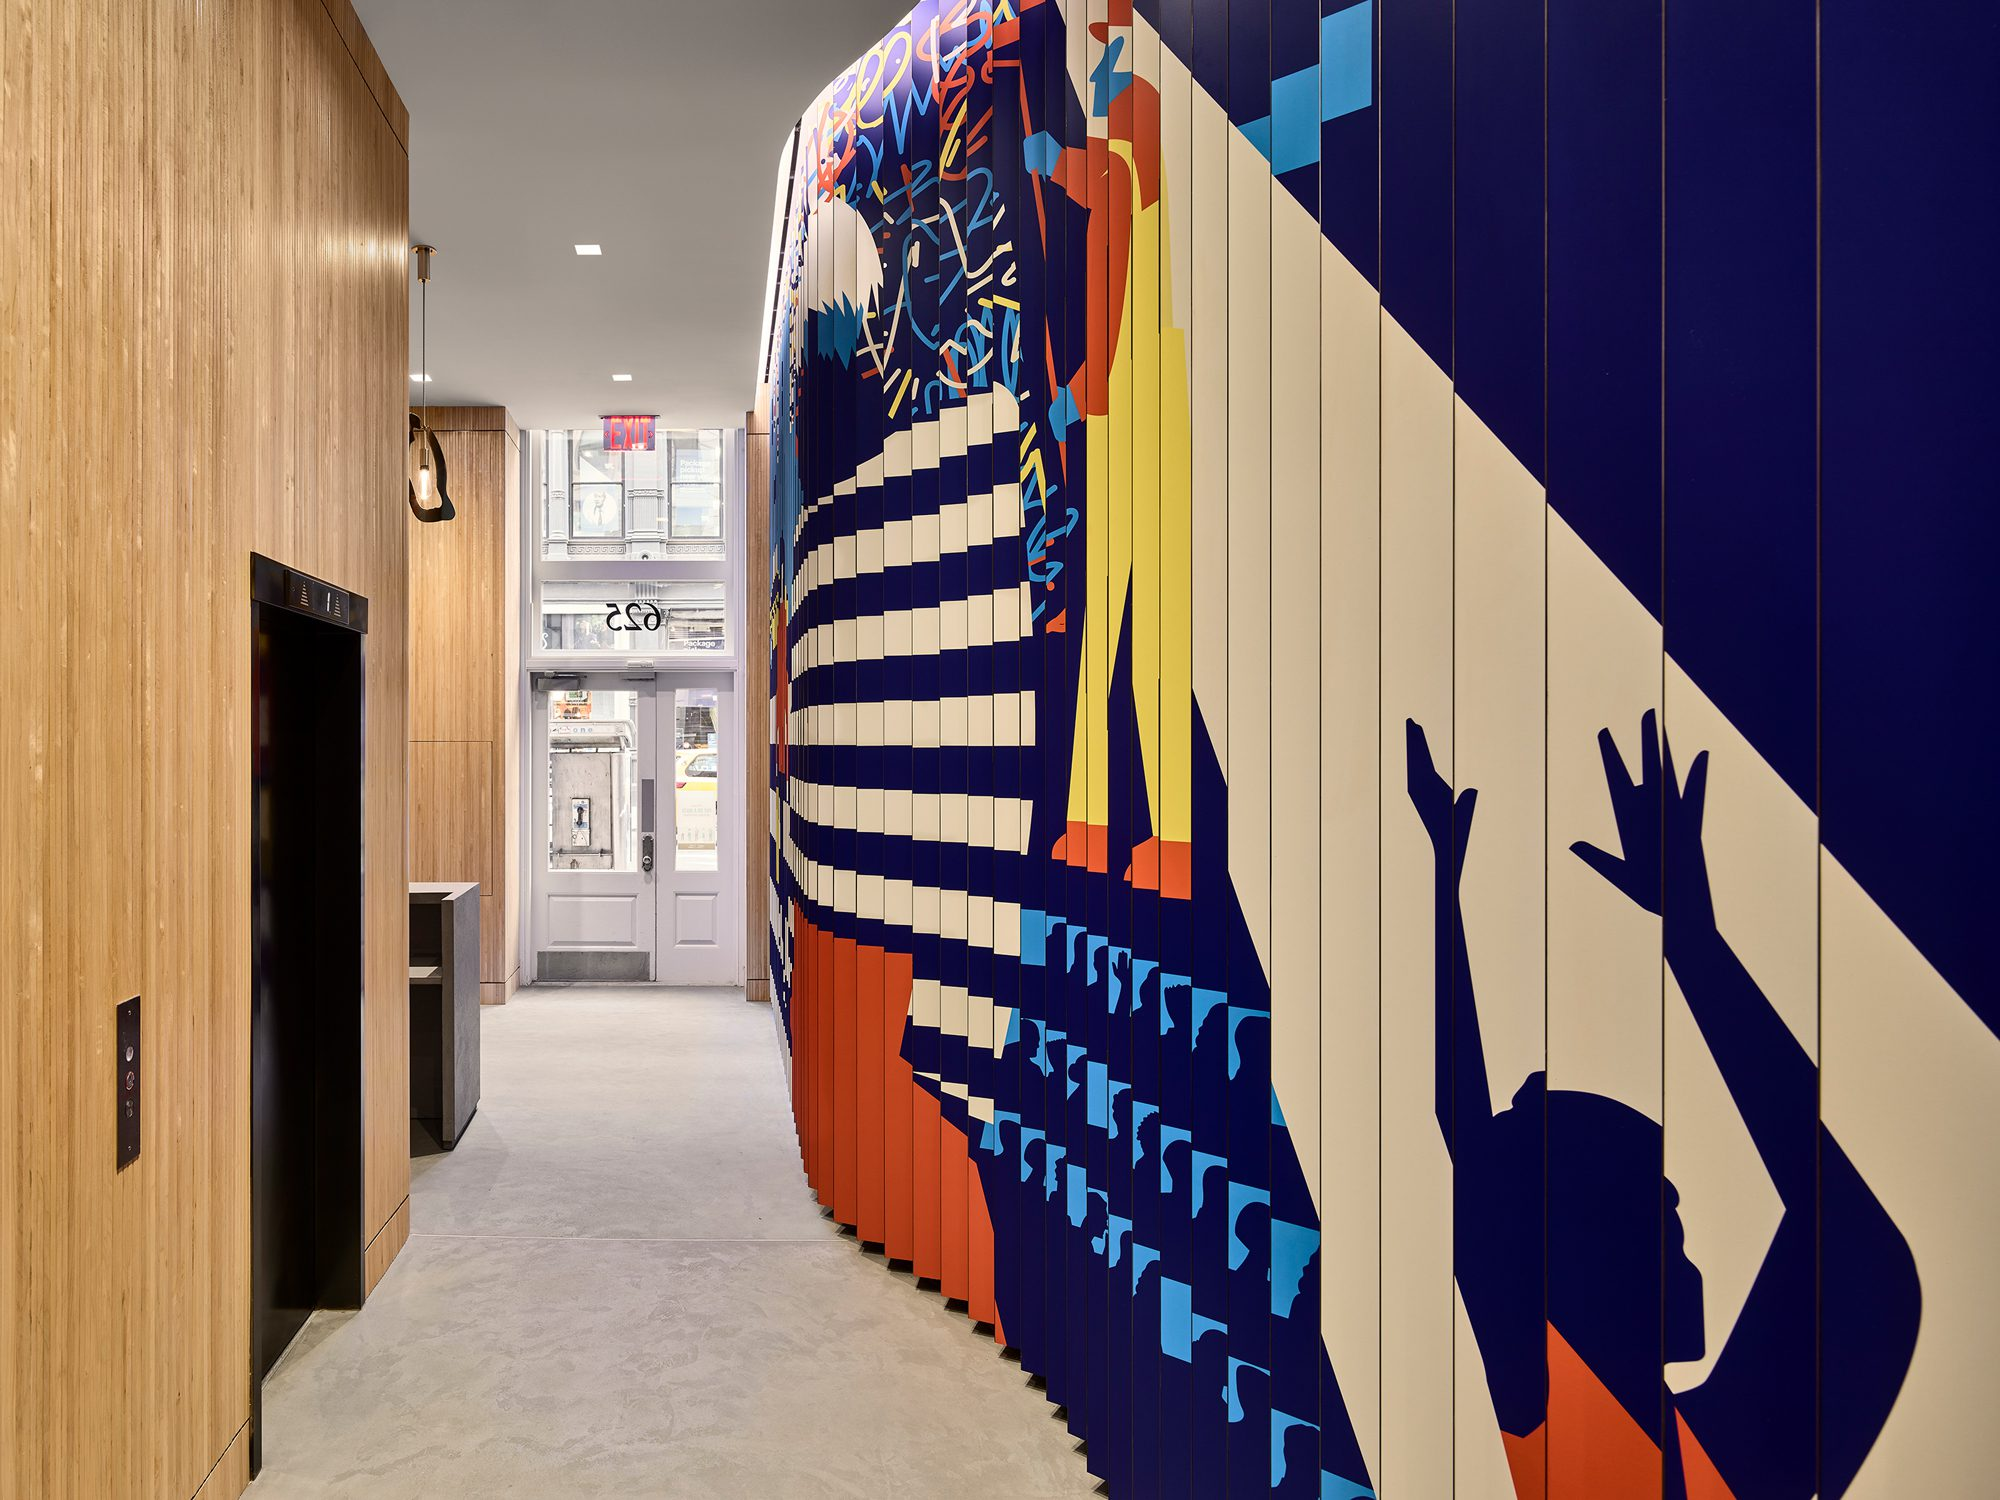 The Kaufman Lobby Art Experience